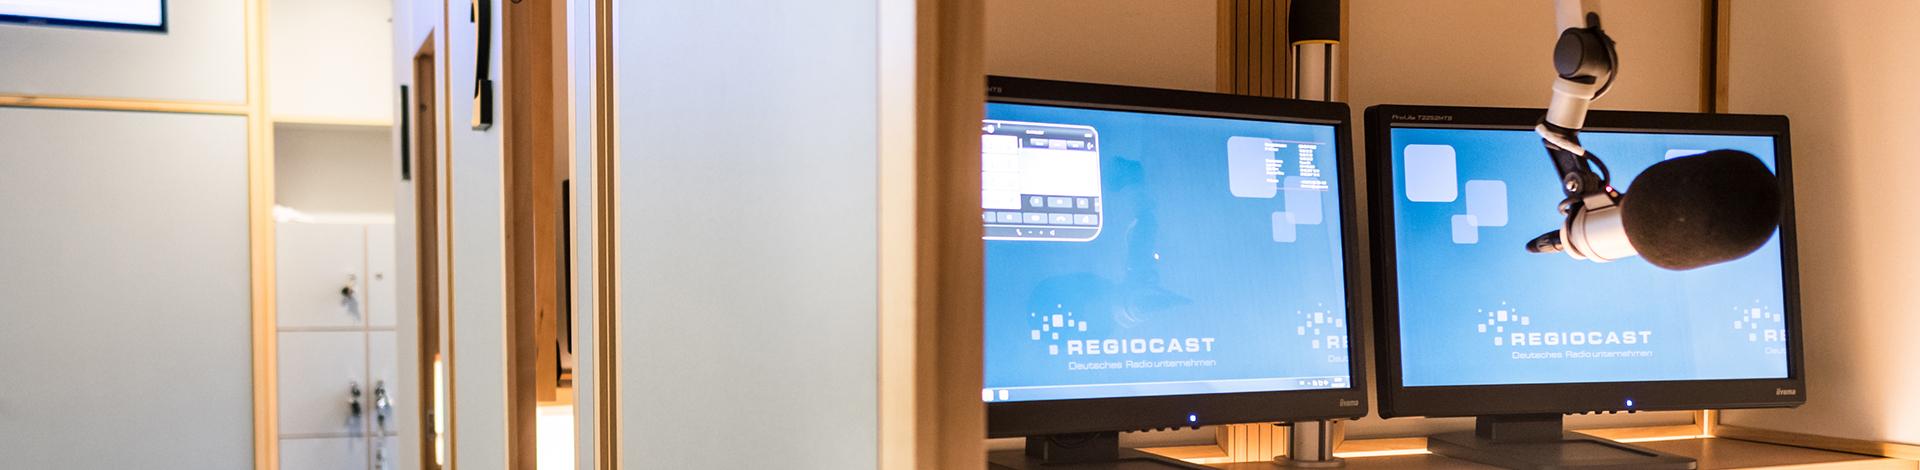 services_regiocast